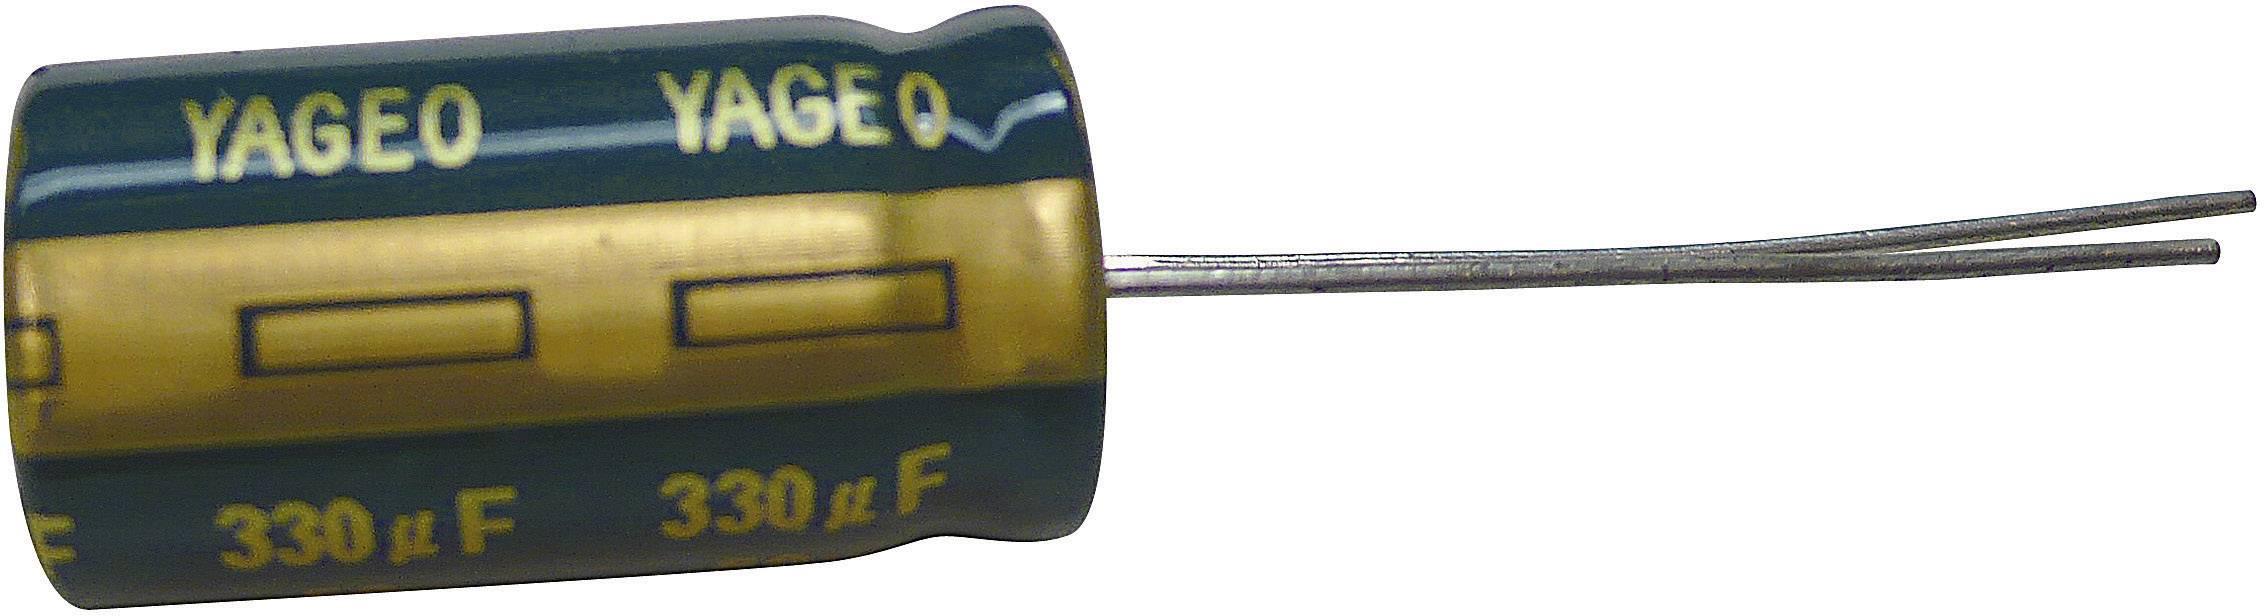 Kondenzátor elektrolytický Yageo SY006M1200B5S-1015, 1200 mF, 6,3 V, 20 %, 15 x 10 mm